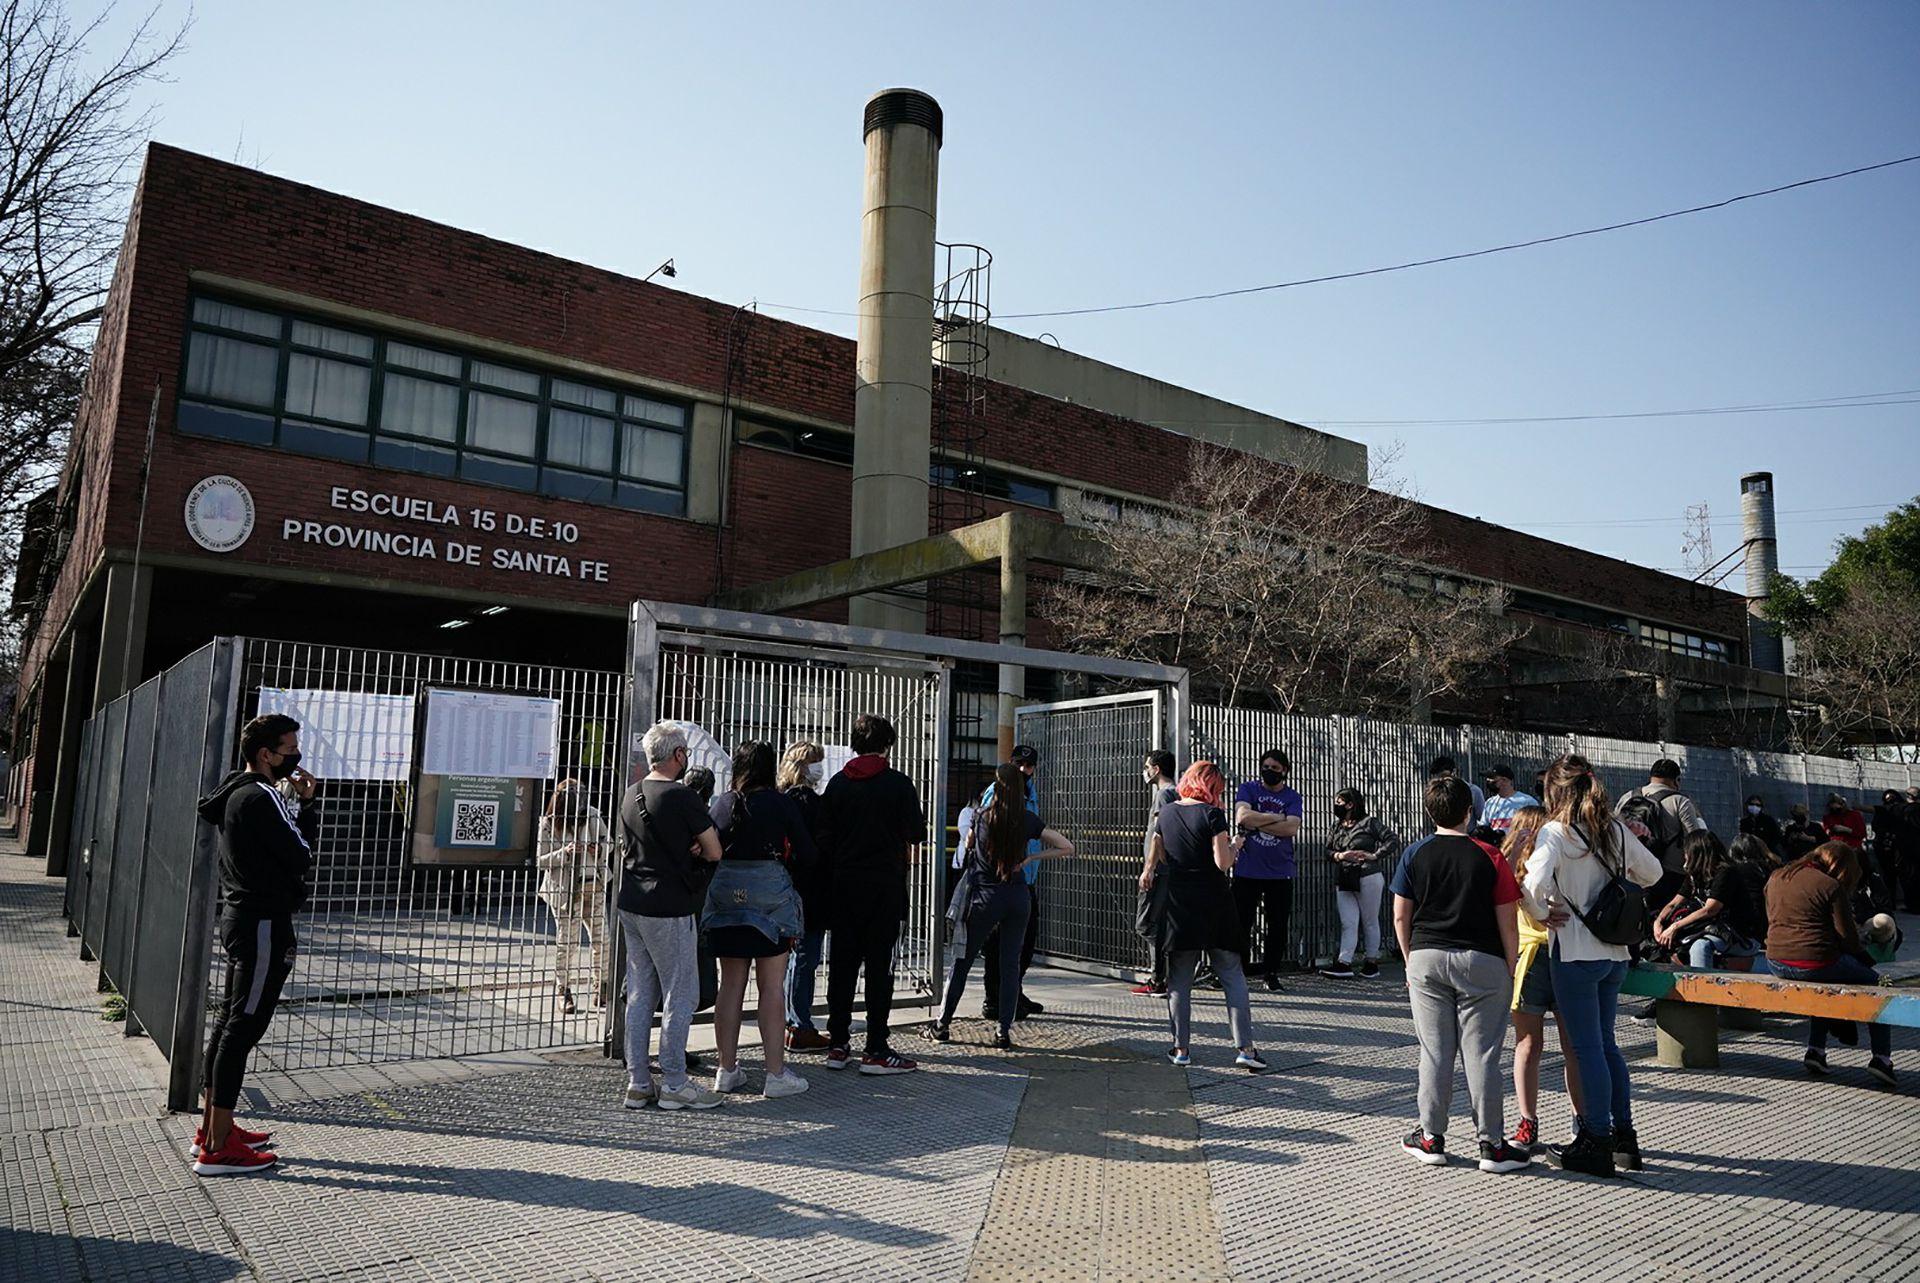 Protocolo COVID-19 - Votaciones PASO 2021 - Gente votando - Gente haciendo filas votación